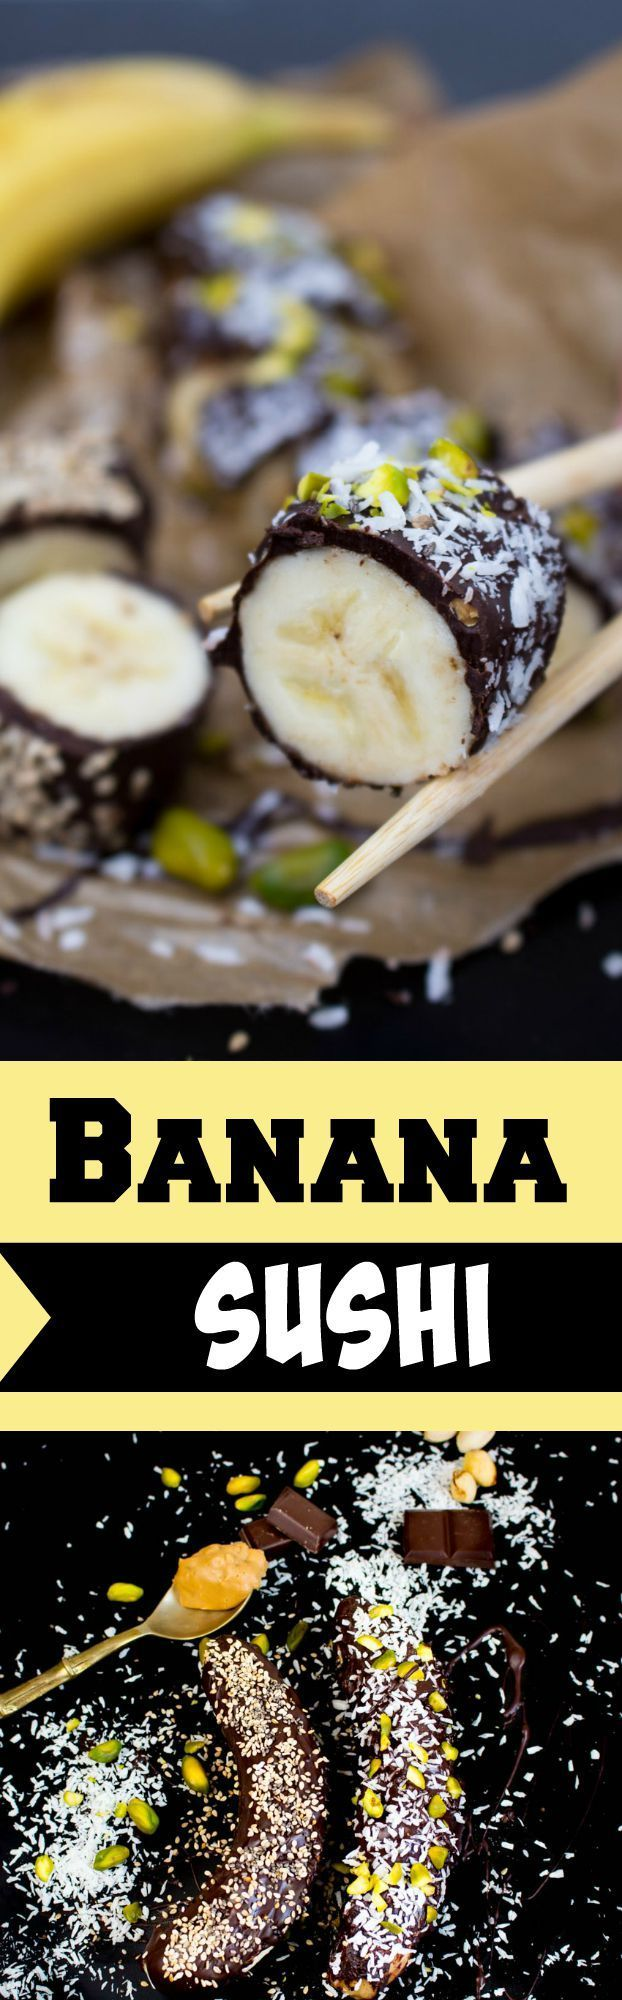 silver 925 italy Banana Sushi